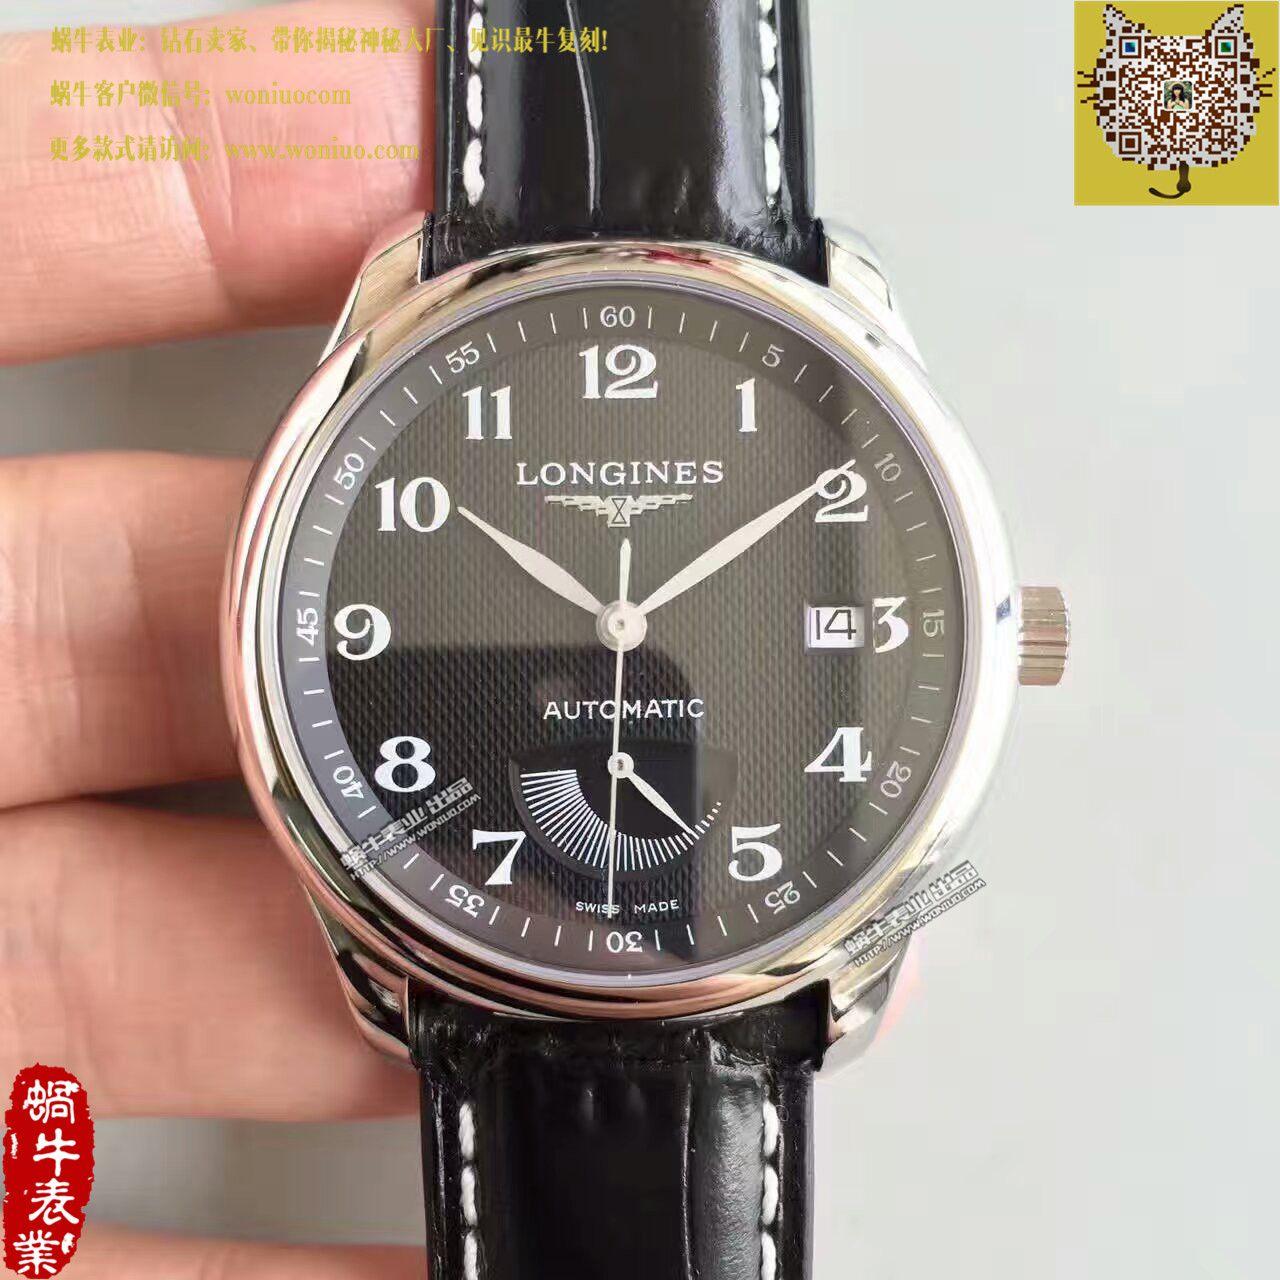 【MK厂1比1超A高仿手表】浪琴制表传统系列L2.708.4.78.3腕表 / L081